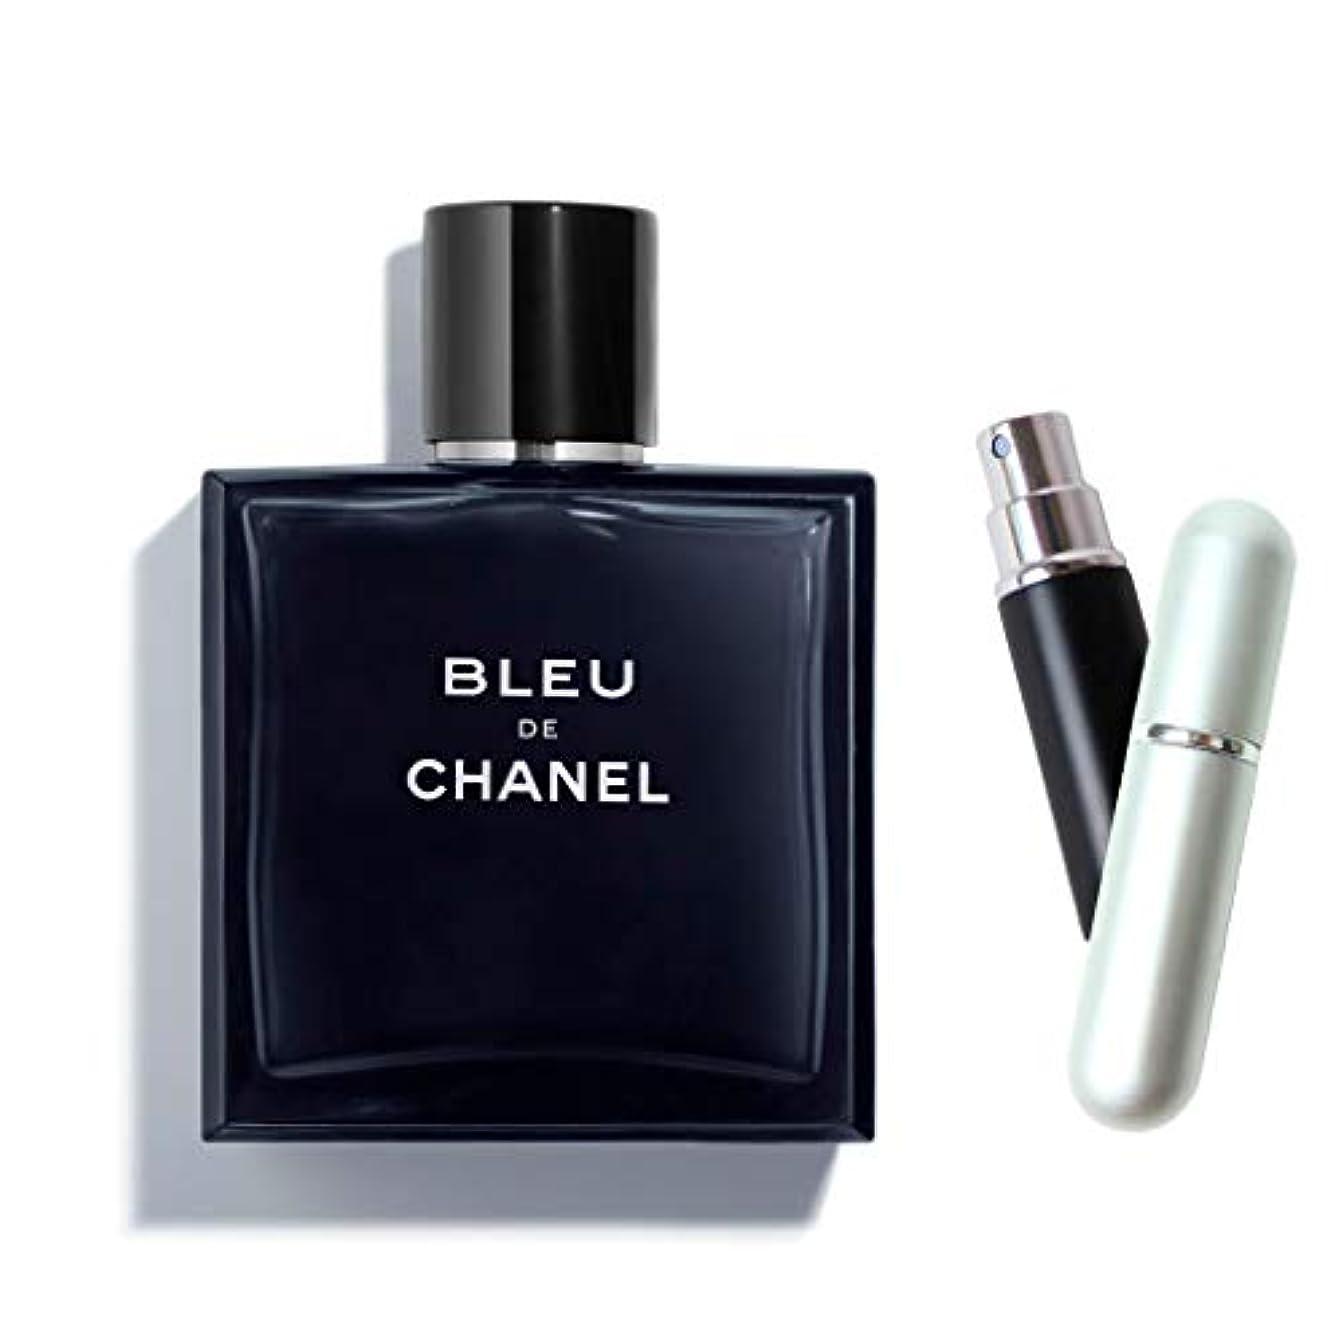 月曜日ニンニクシュガー[正規品 セット品] アトマイザー付き シャネル 香水 ブルー ドゥ シャネル EDT 100ml